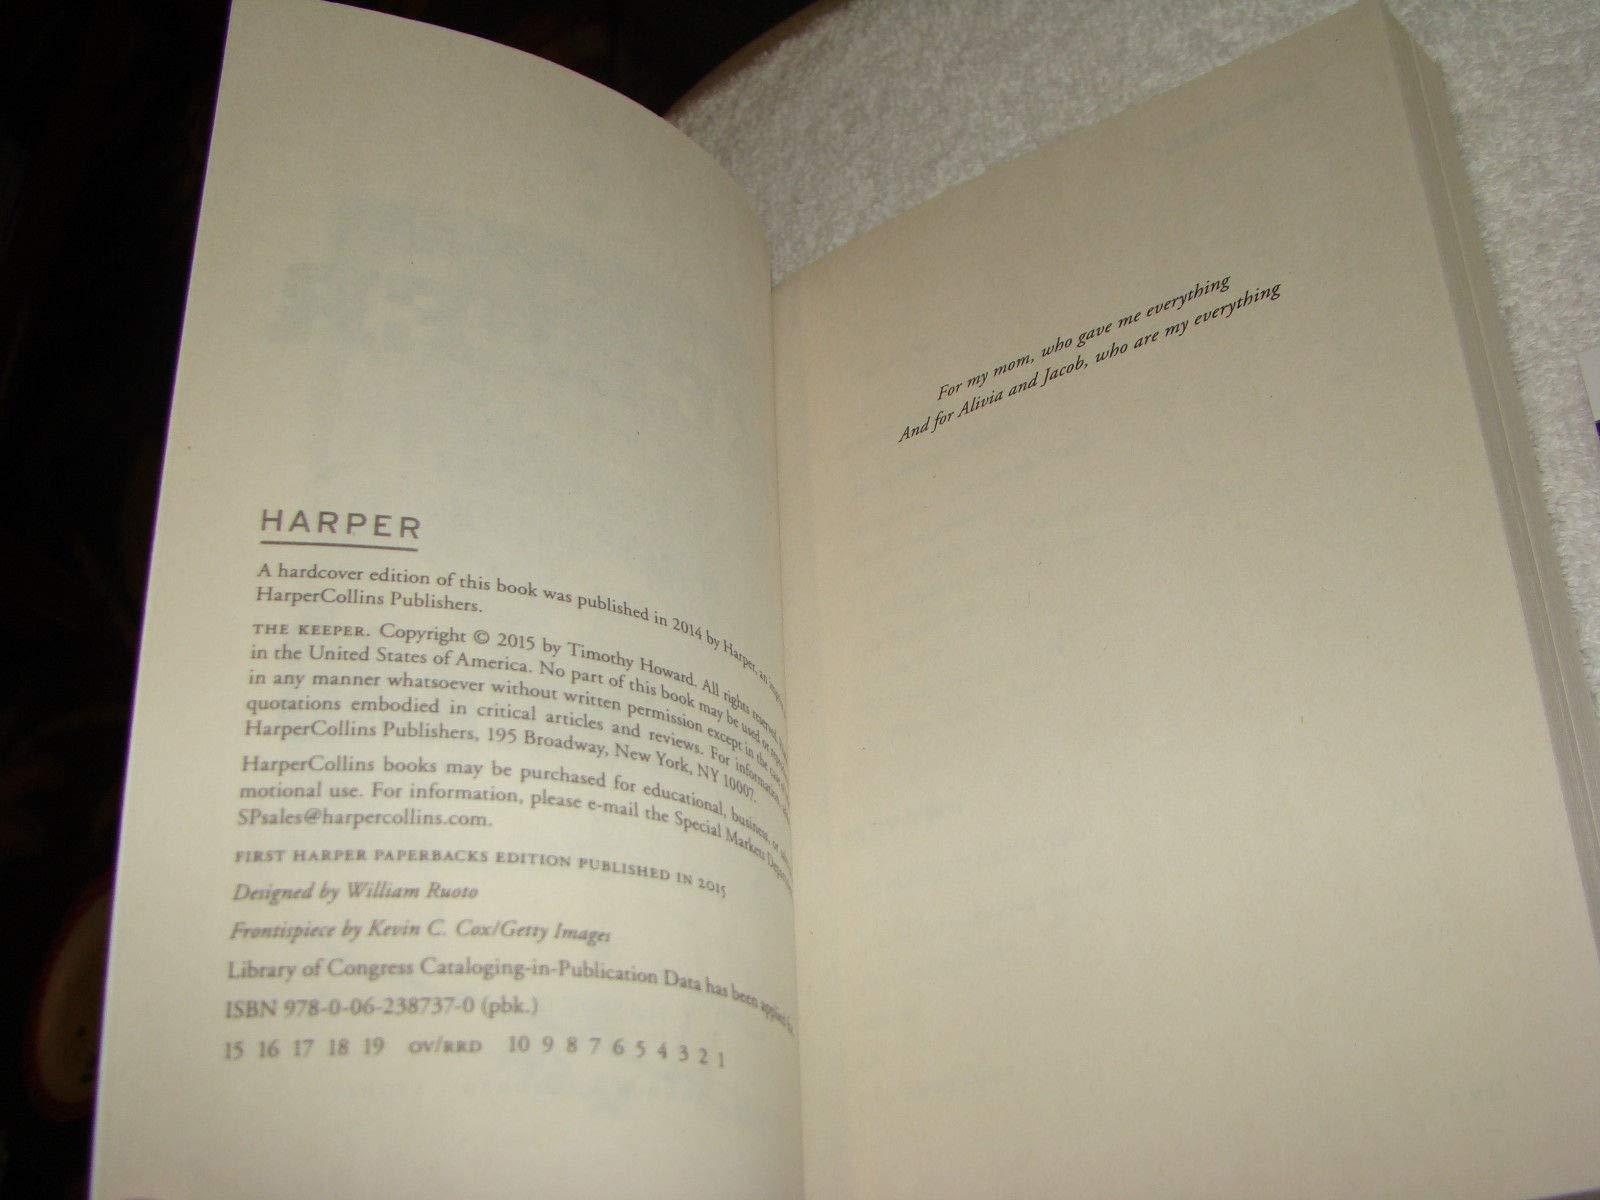 Tim Howard Autographed Signed Memorabilia The Keeper Life Of Saving Goals Book JSA #V74590 Usa Soccer